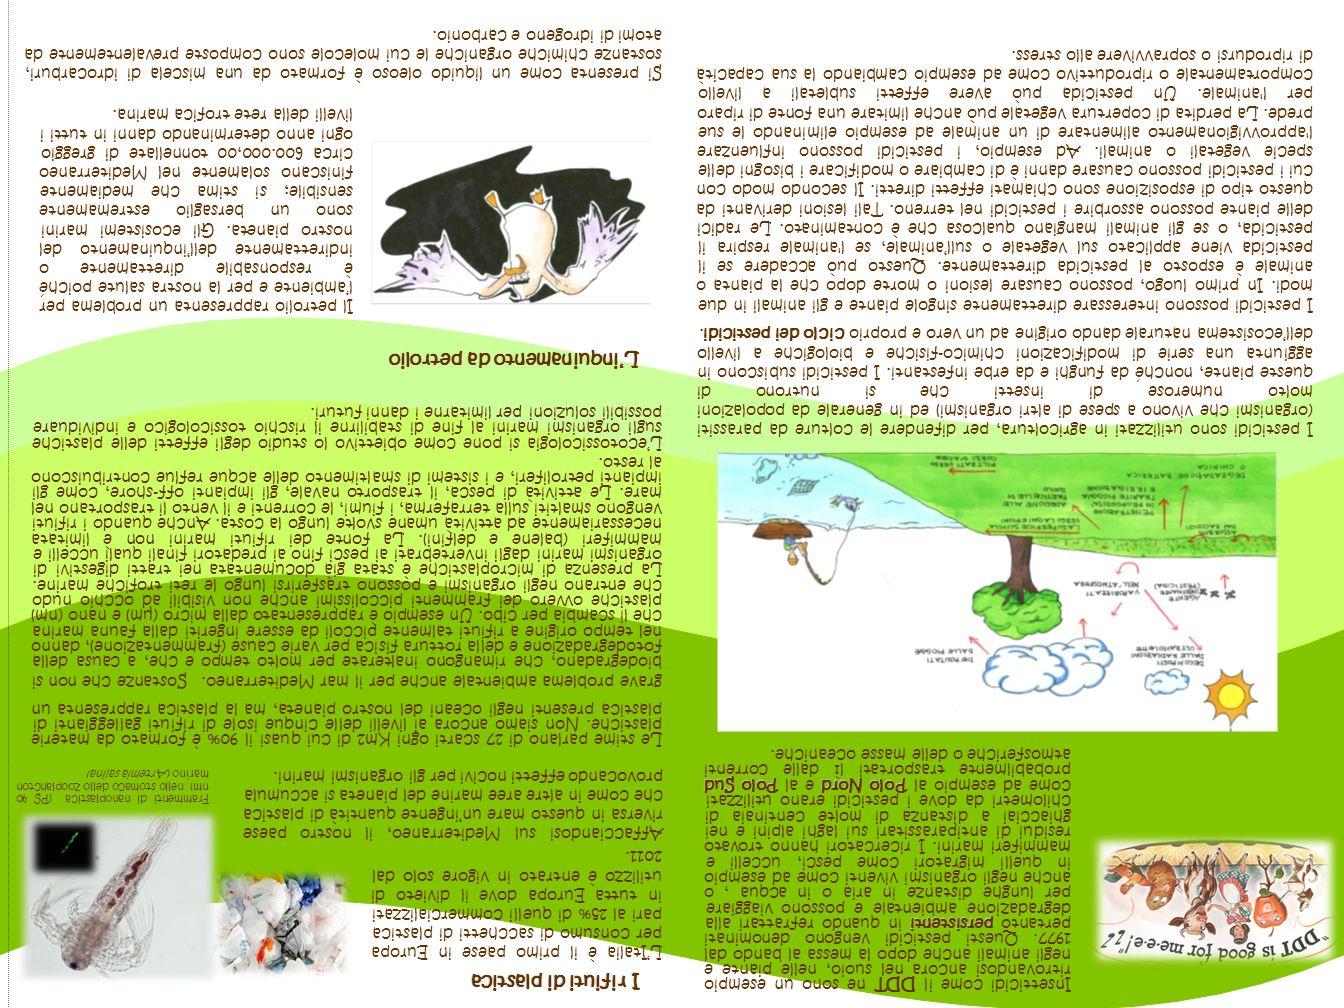 Esposizione Attorno Al Mediterraneo : Esposizione biodisponibilità bioaccumulo e